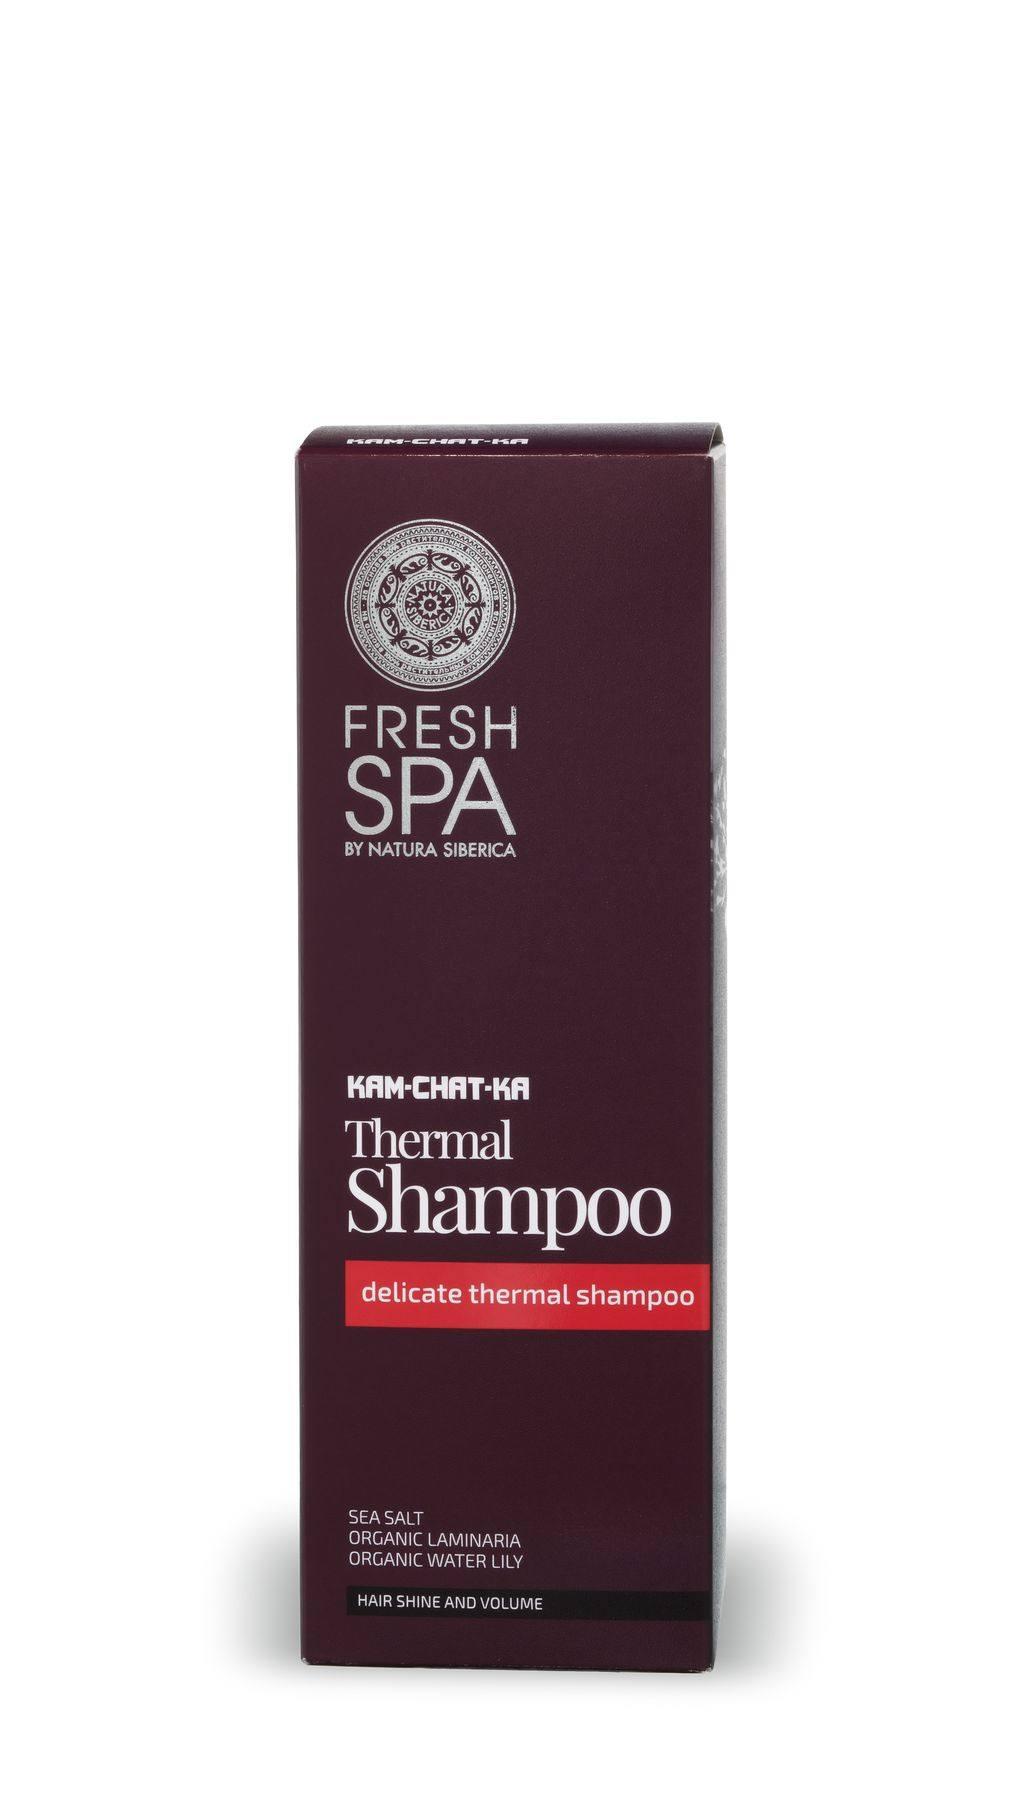 NS Fresh Spa Kam-Chat-Ka Мягкий термальный шампунь для объема и блеска волос, 300 мл